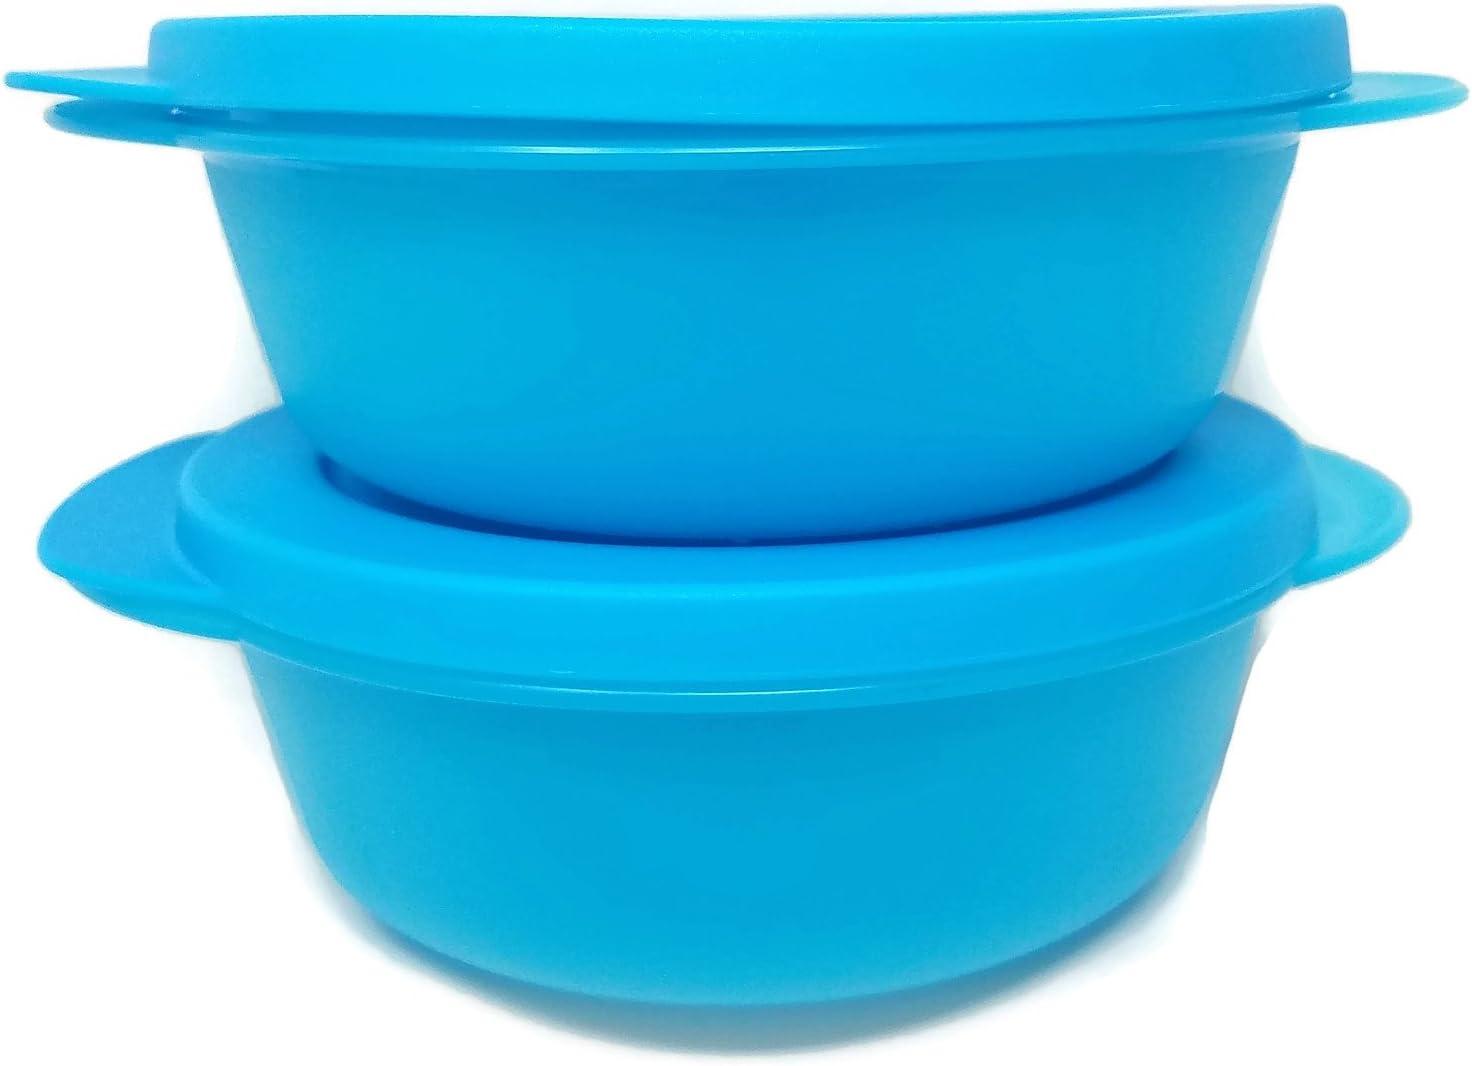 Tuperware Crystalwave Microwave Bowl 2.5 Cups